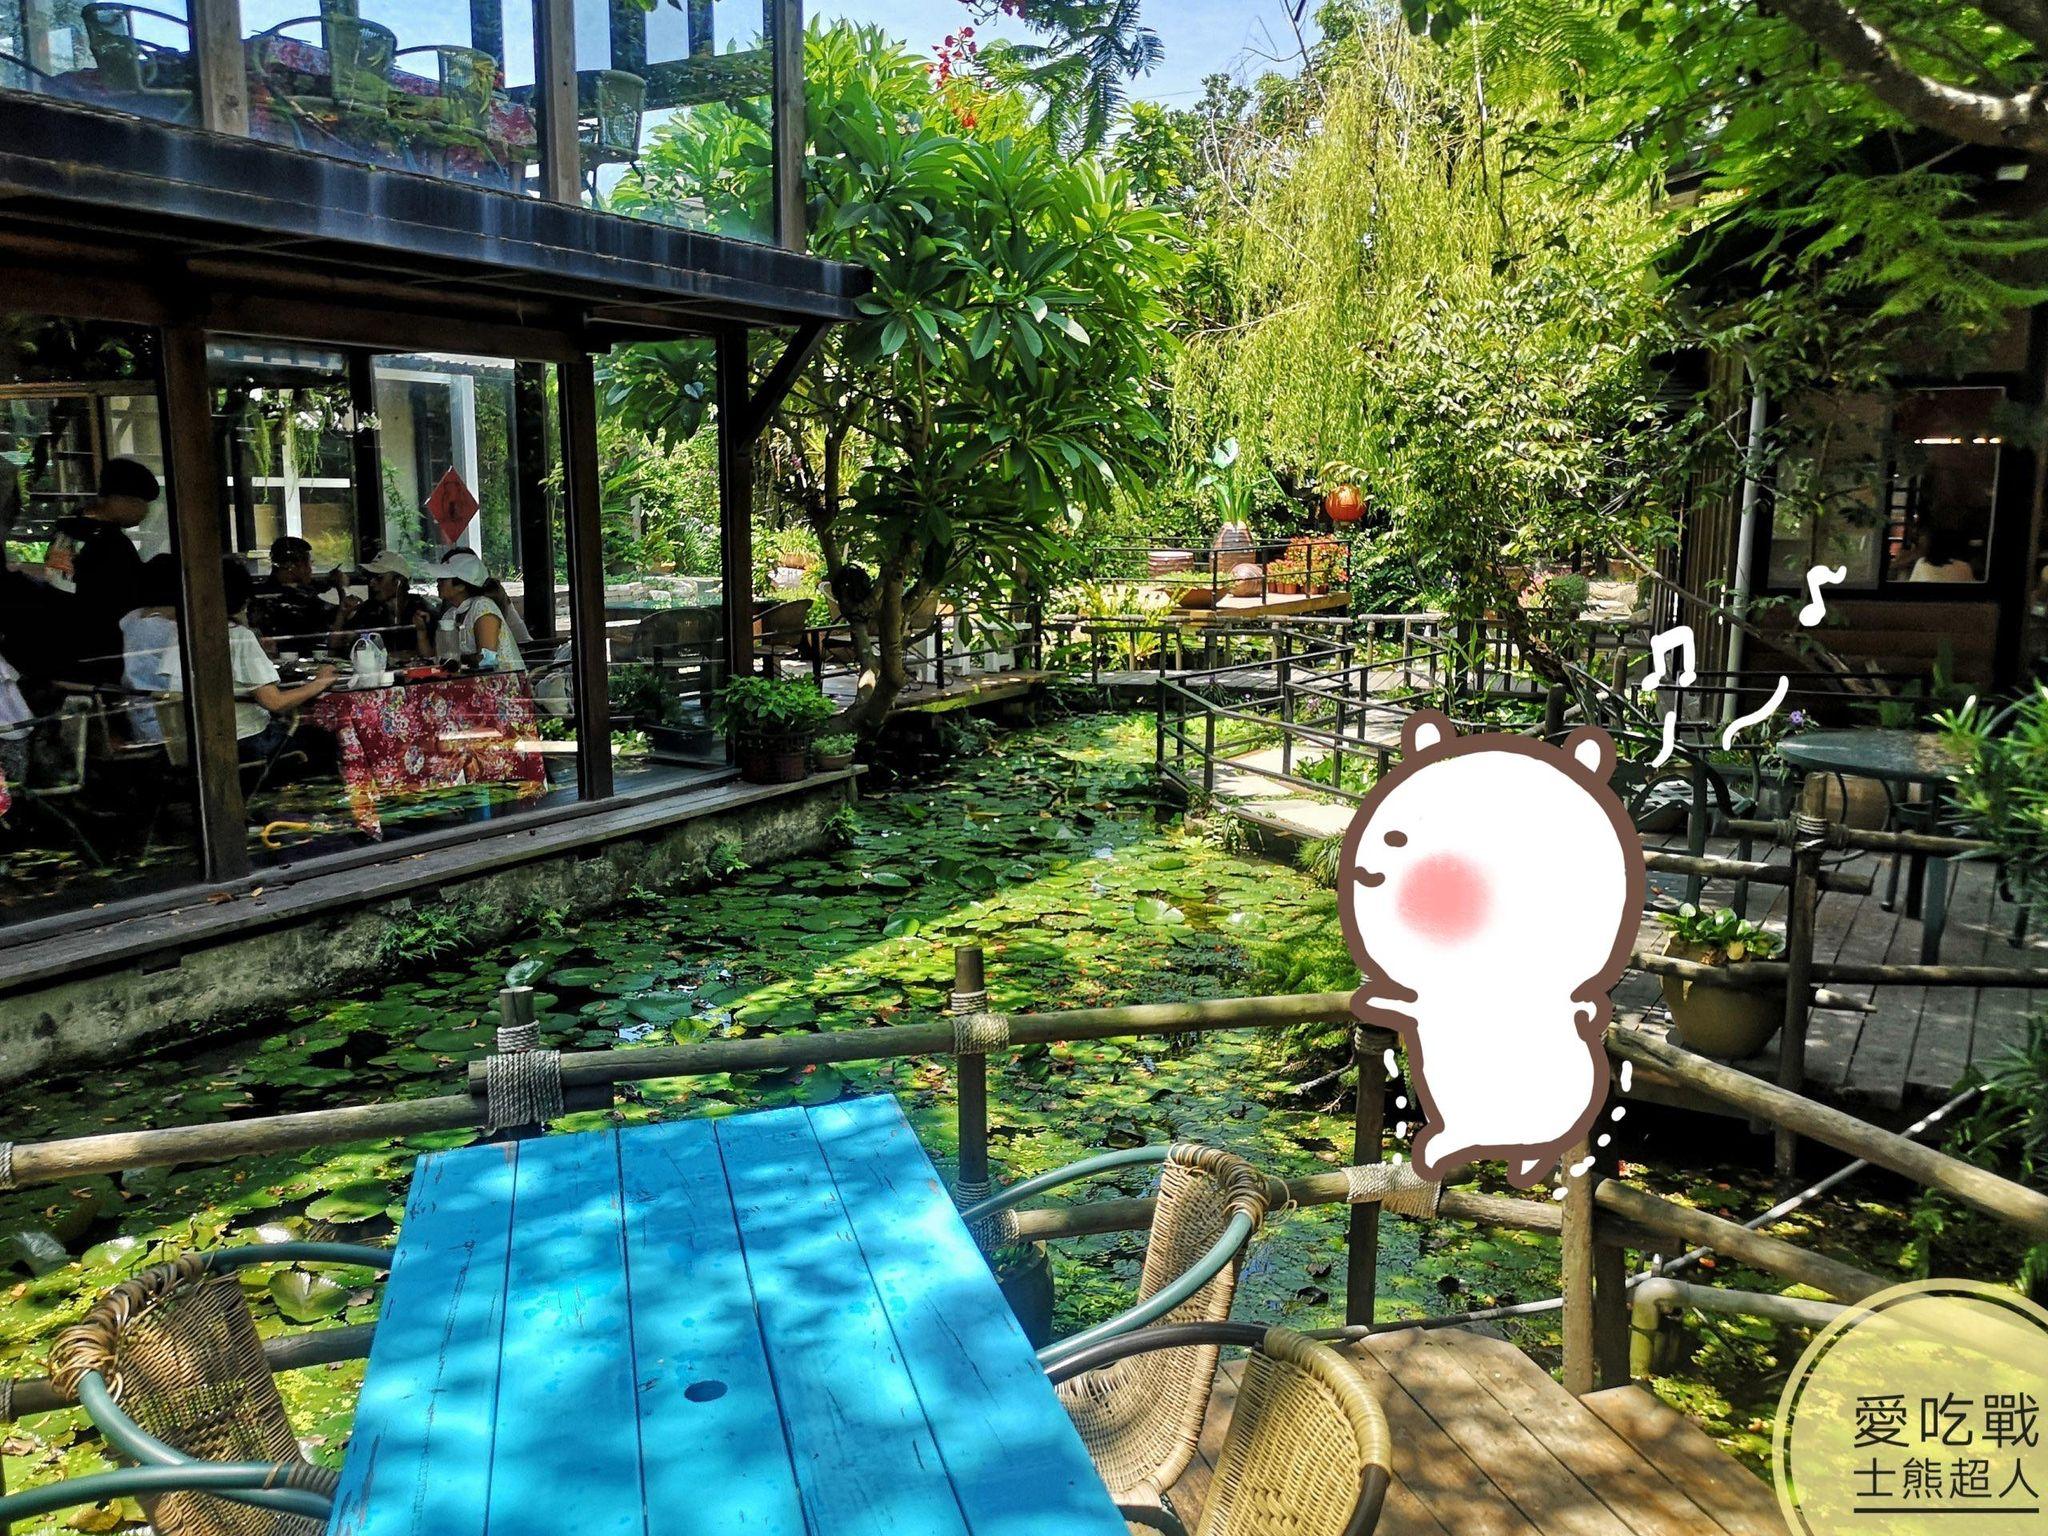 。台中 大安。卓也小屋:來到這古早的庭院用餐,環境舒服+東西好吃只是基本,價格還很親民,是好拍好吃獨樹一格的餐廳。